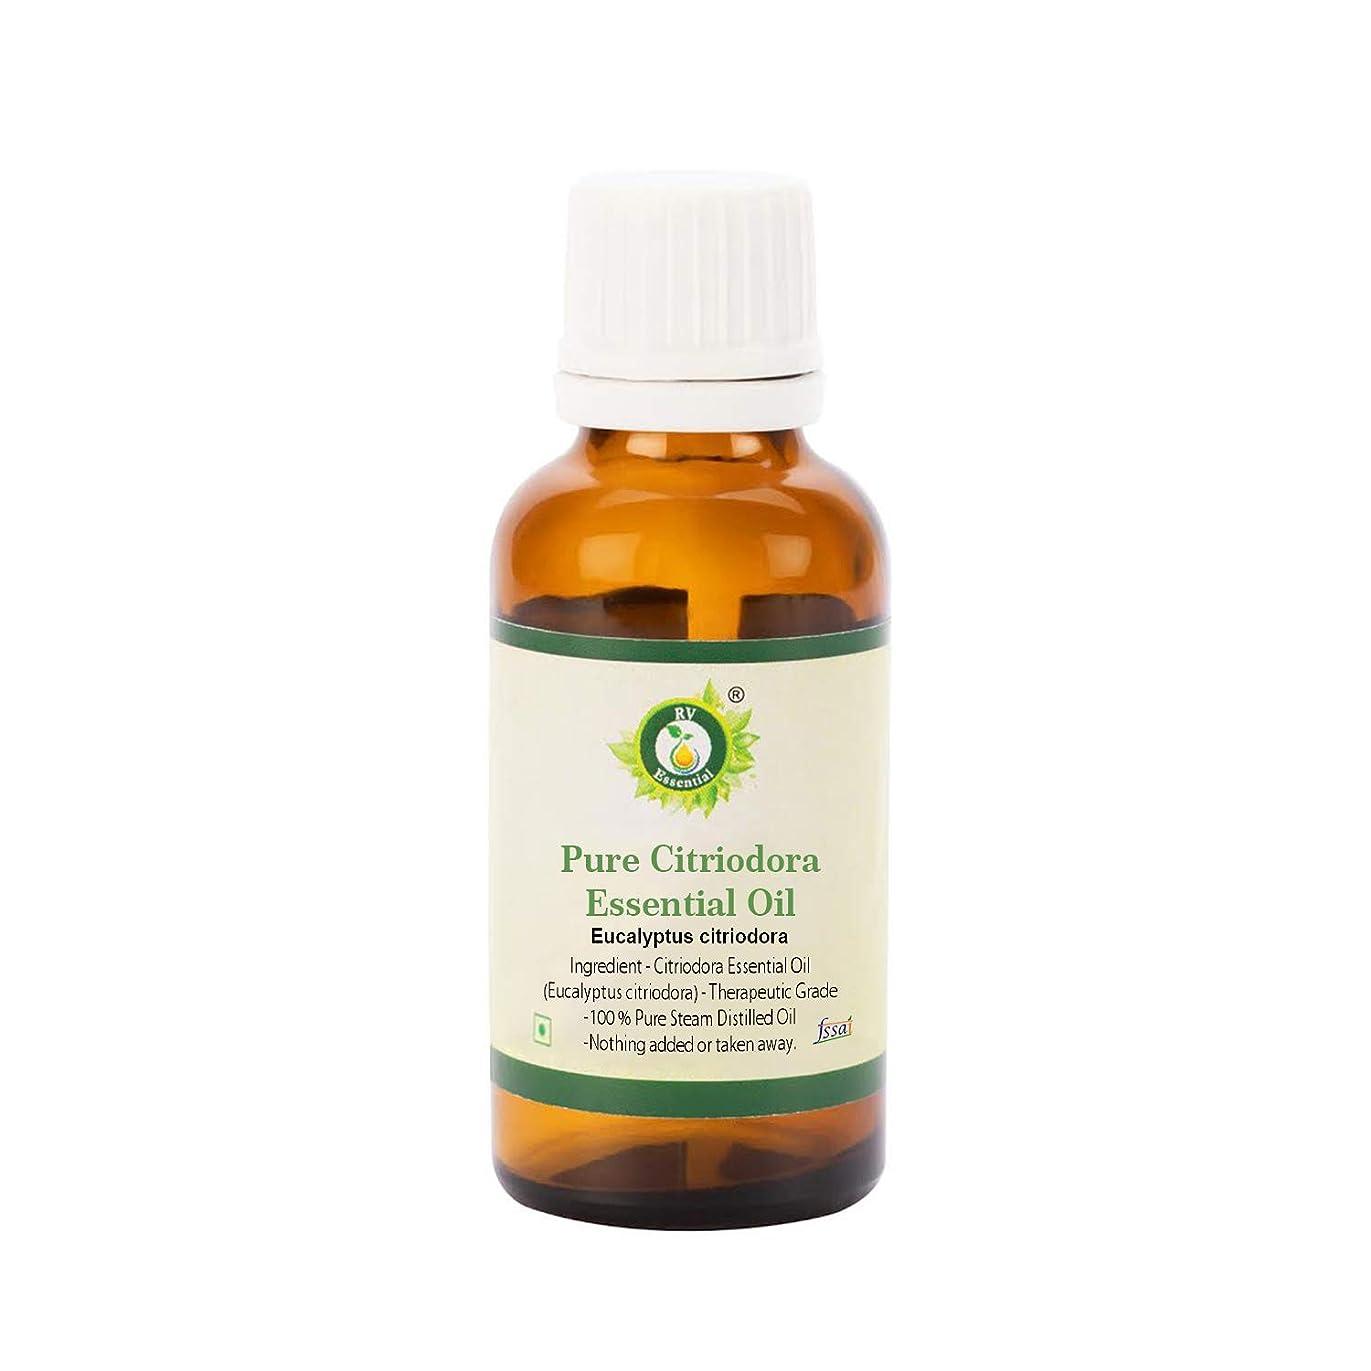 R V Essential ピュアCitriodoraエッセンシャルオイル30ml (1.01oz)- Eucalyptus citriodora (100%純粋&天然スチームDistilled) Pure Citriodora Essential Oil